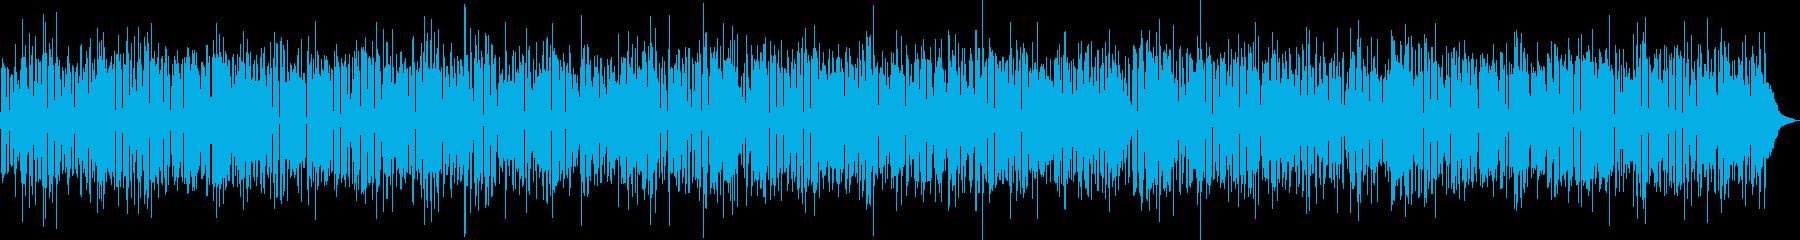 夜の大人の雰囲気を感じるジャズファンクの再生済みの波形